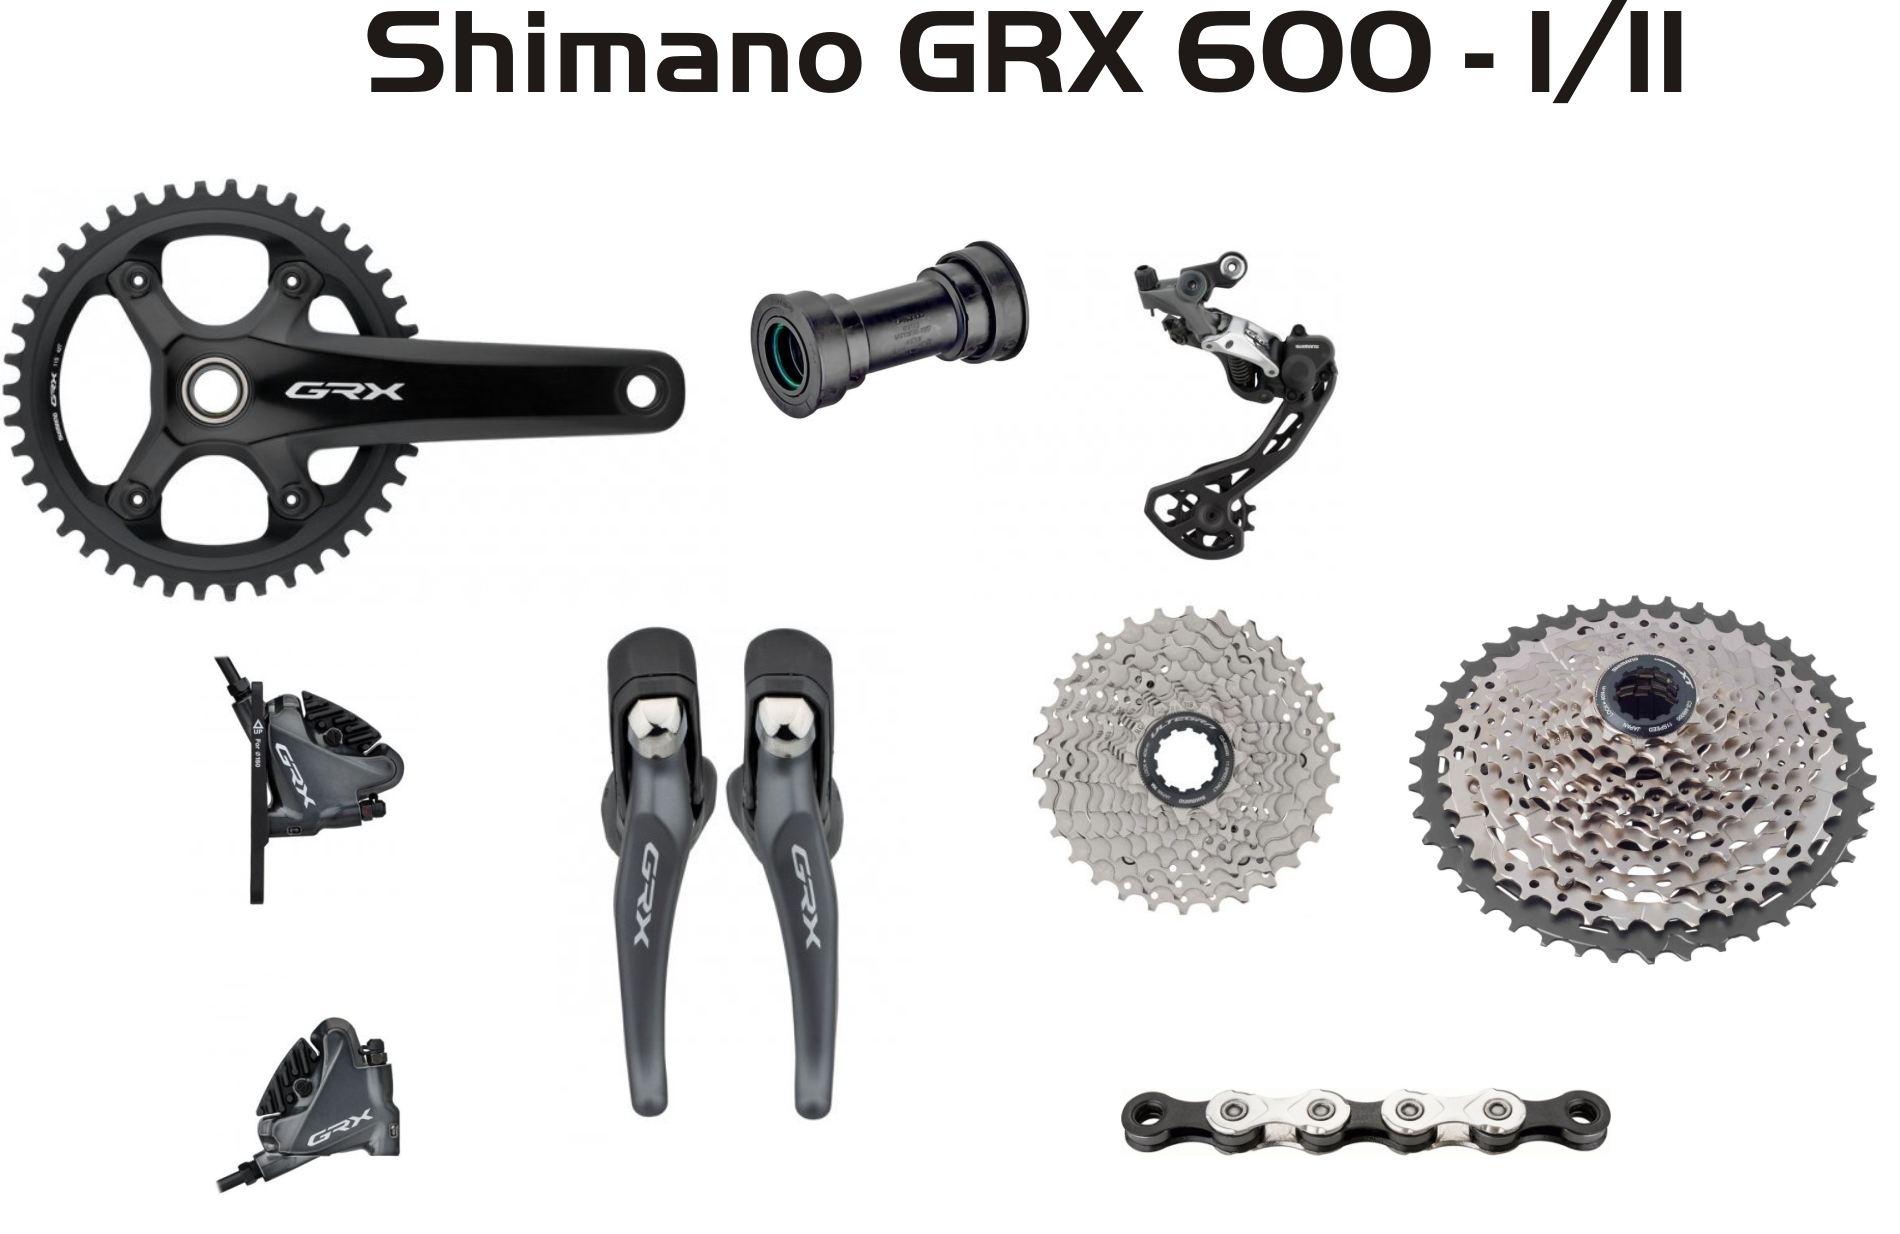 Group Shimano GRX 600  1/11